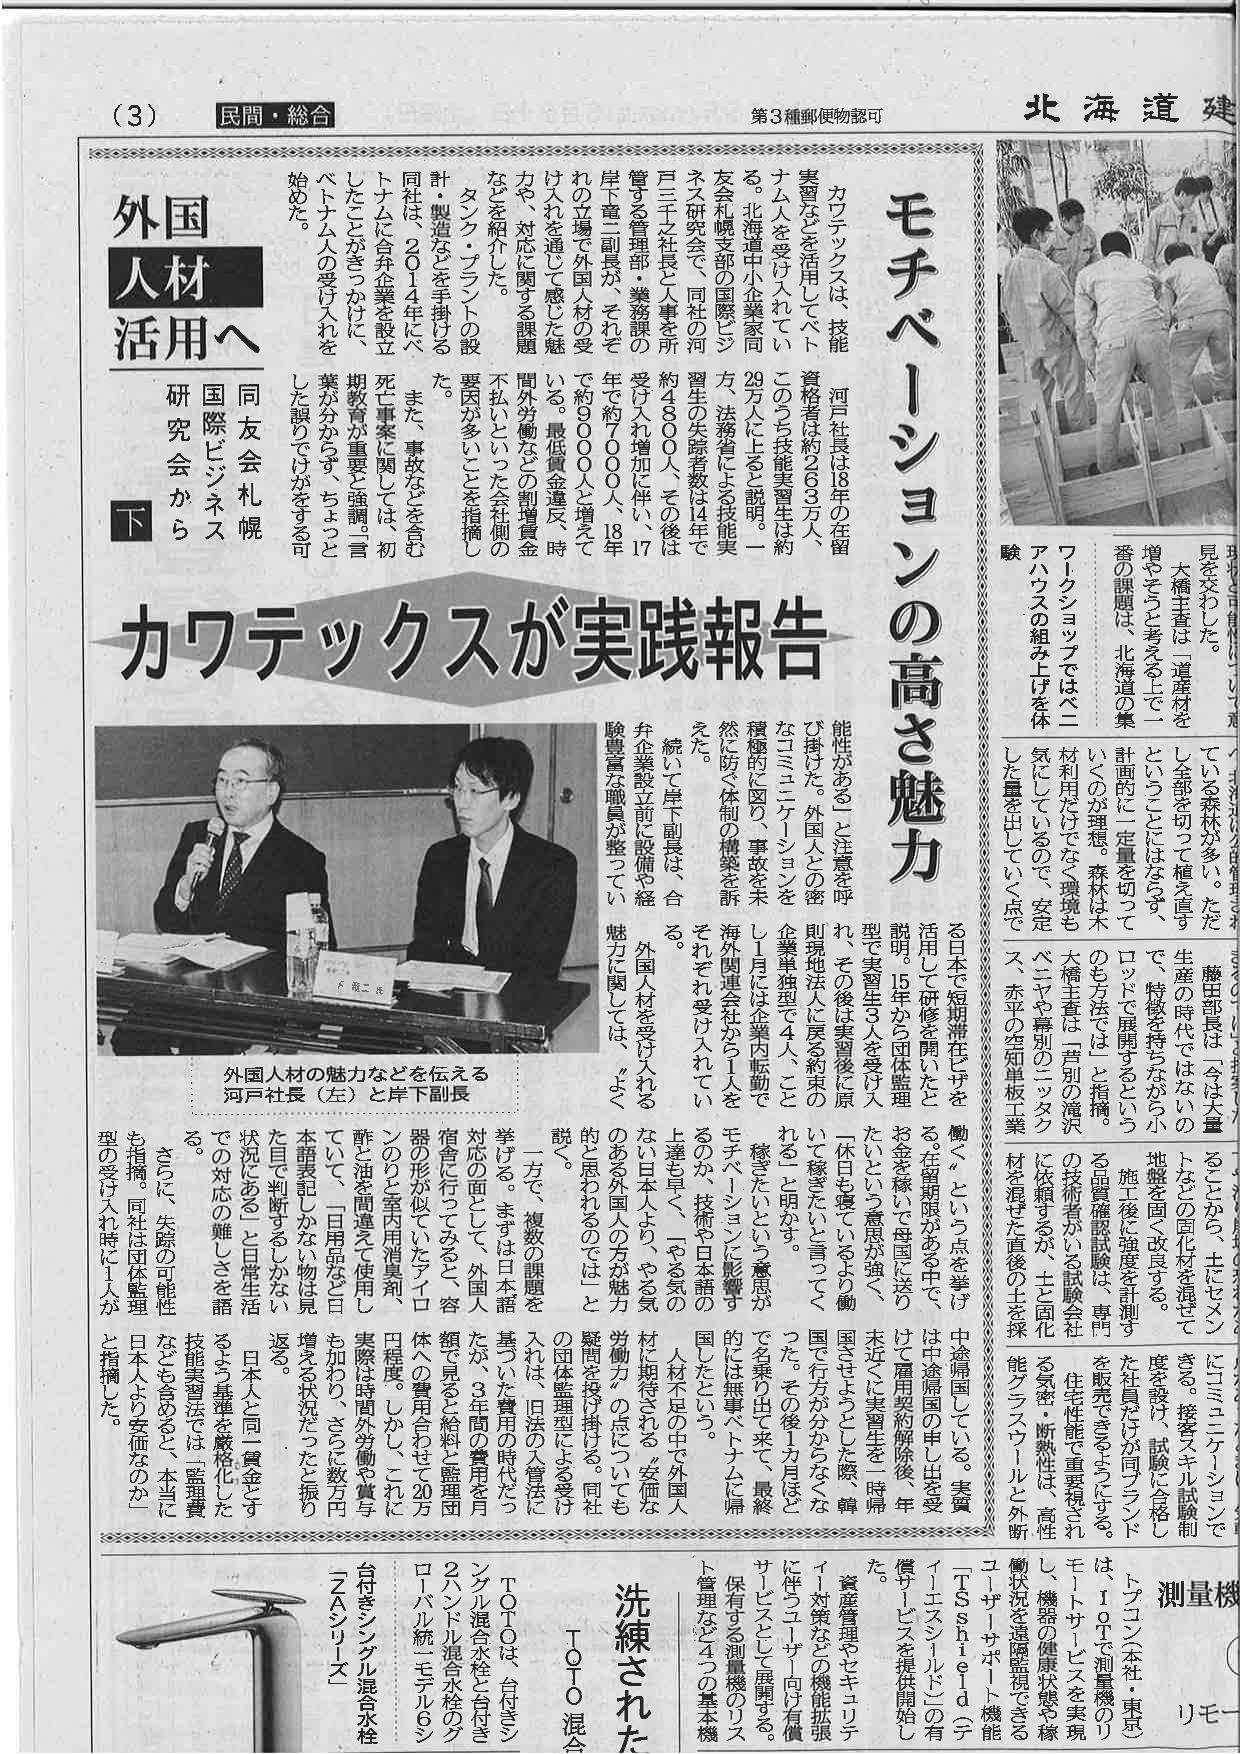 北海道建設新聞 27.7.10